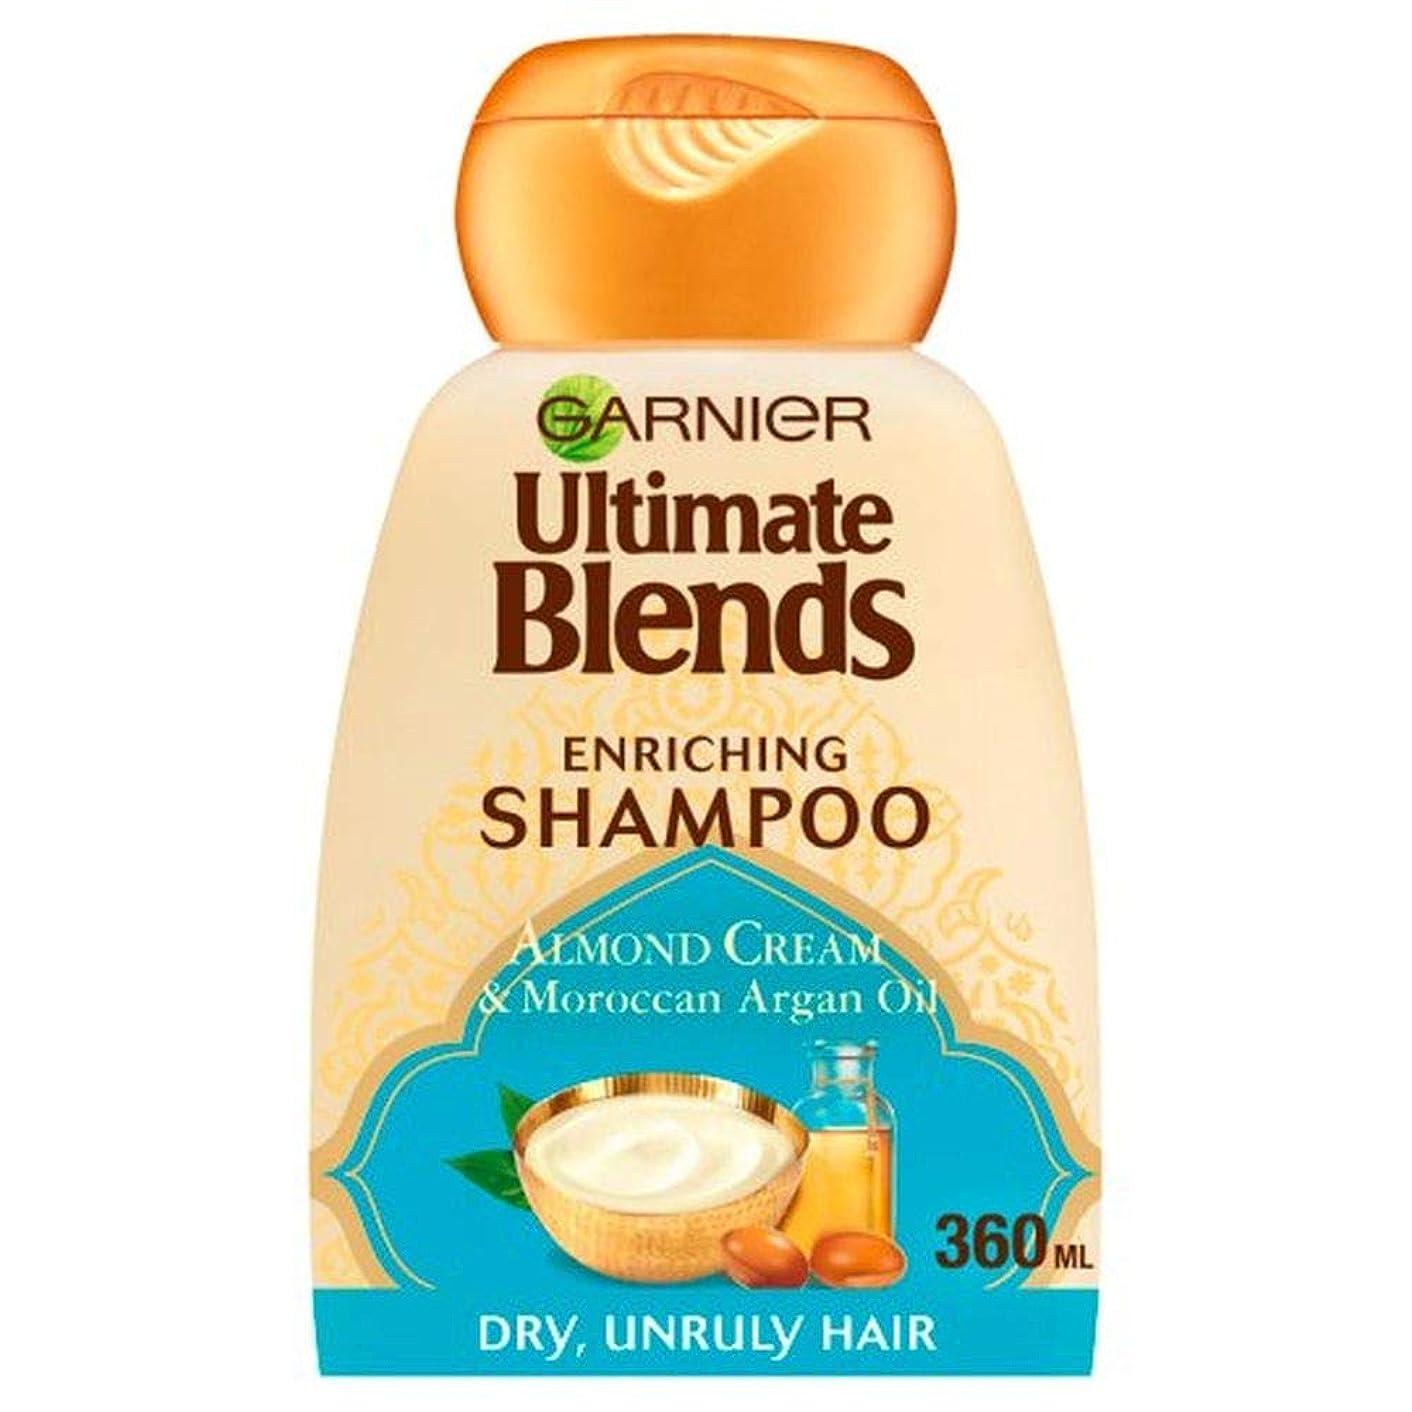 鉛筆眠りライオン[Garnier ] Ga/究極のブレンドのArg /オイルとアーモンドシャンプー360ミリリットルRを - Ga/R Ultimate Blends Arg/Oil And Almond Shampoo 360Ml [並行輸入品]